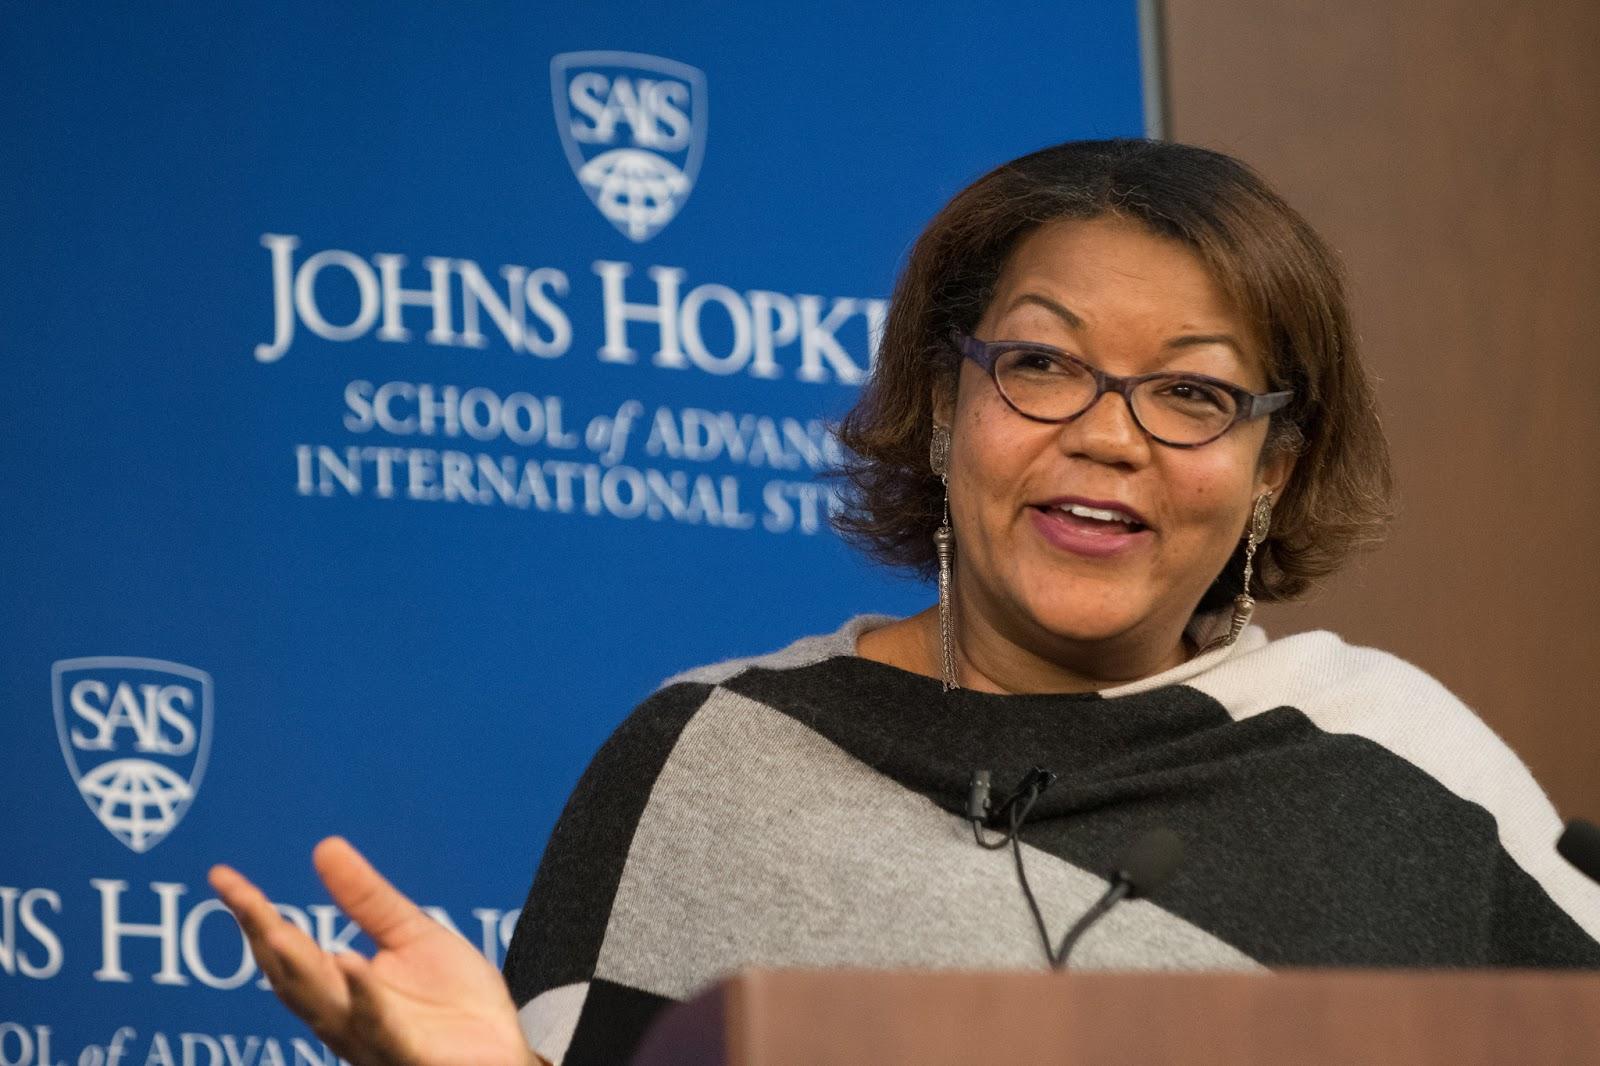 New York Times reporter Helene Cooper